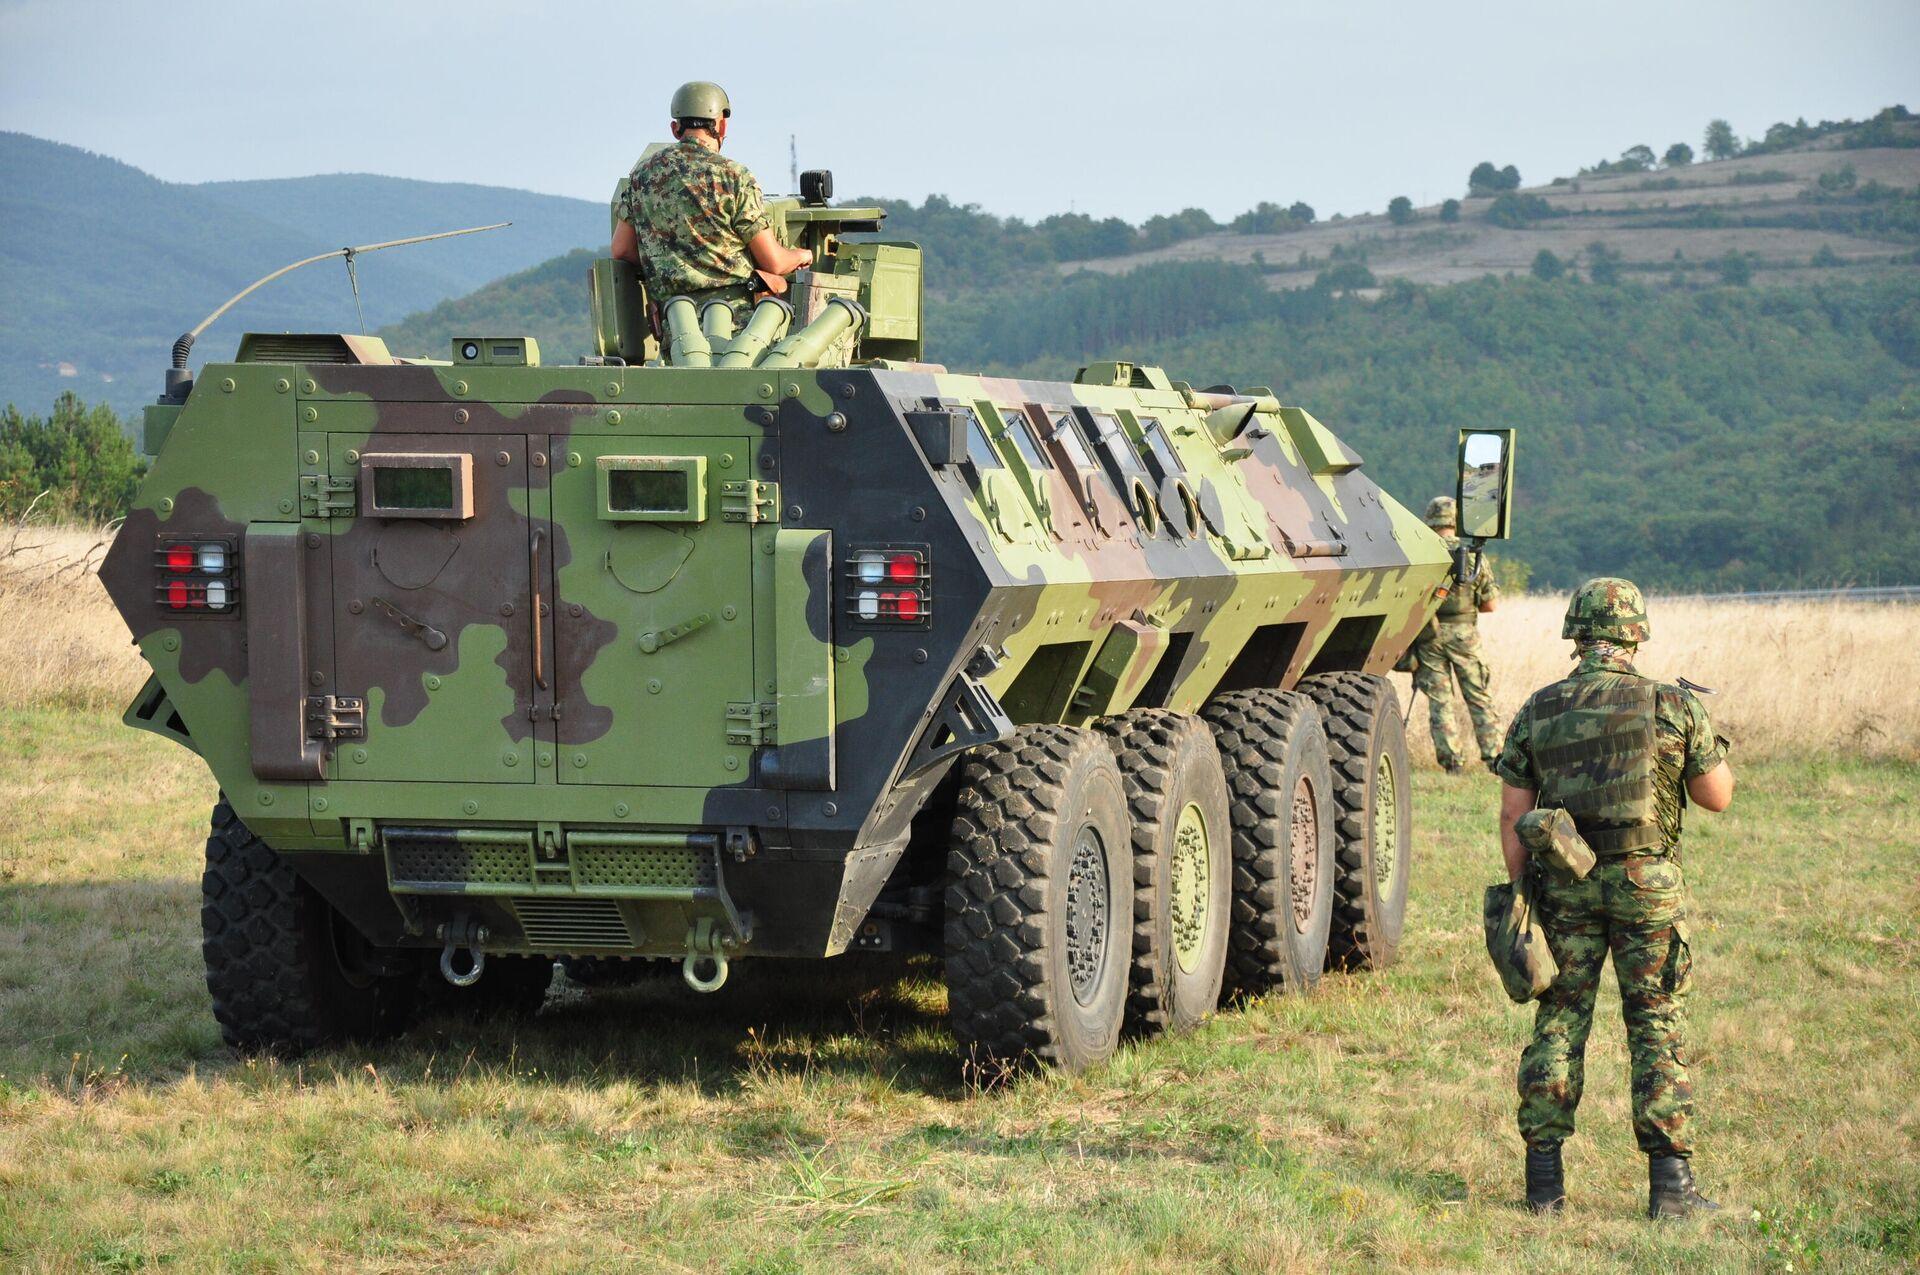 Soldados y blindados del Ejército de Serbia en la frontera con Kosovo, el 27 de septiembre del 2021 - Sputnik Mundo, 1920, 27.09.2021